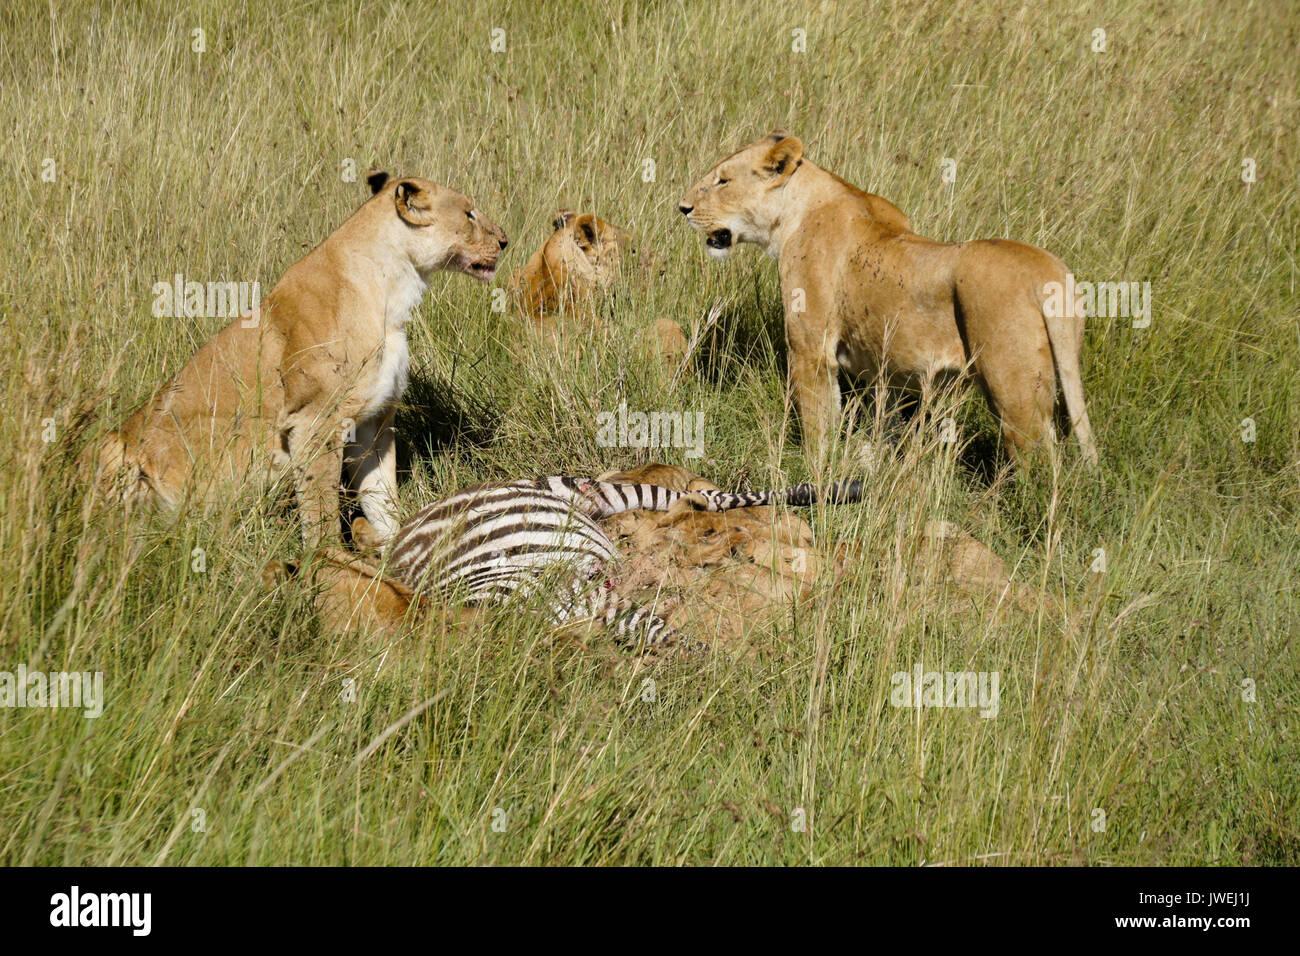 Lion's Pride (Weibchen und Jungtieren) auf einem Zebra töten am Mittag, mit Fliegen, Masai Mara Game Reserve, Kenia Stockbild